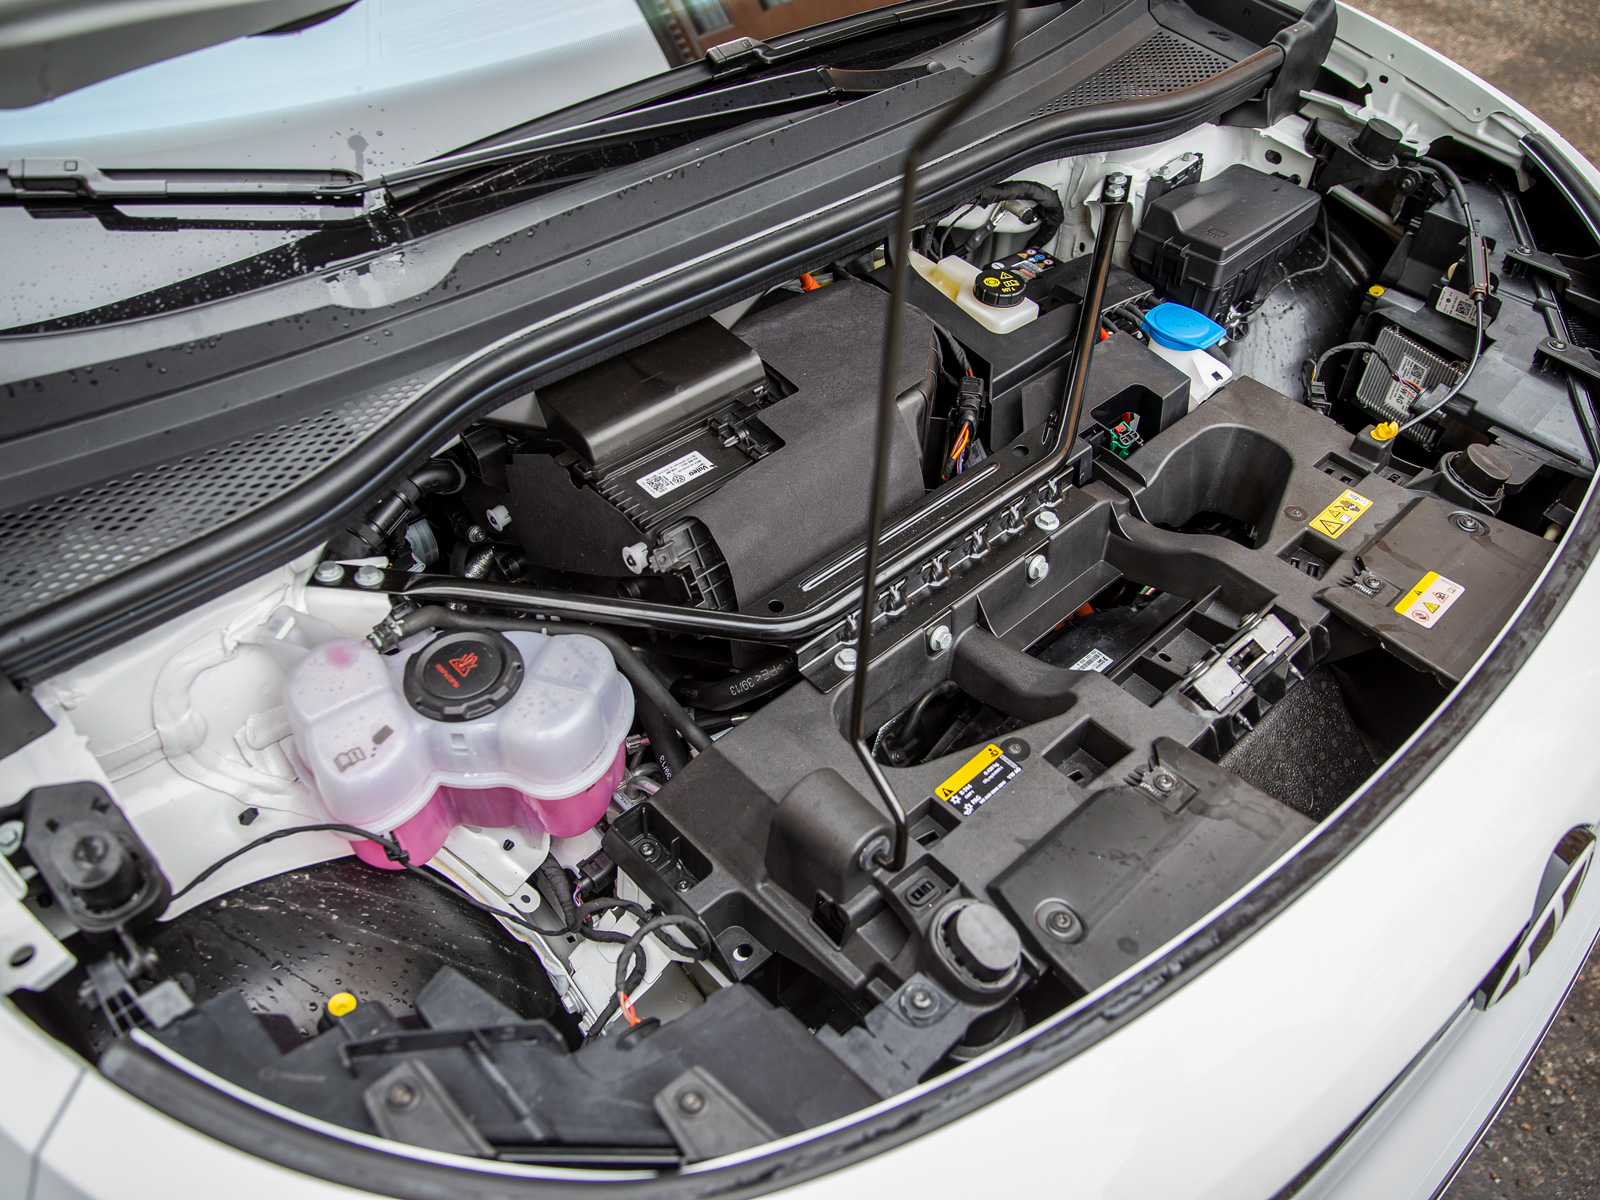 Inget förvaringsutrymme fram trots klassisk drivlina från Volkswagen – svansmotor och bakhjuldrift.